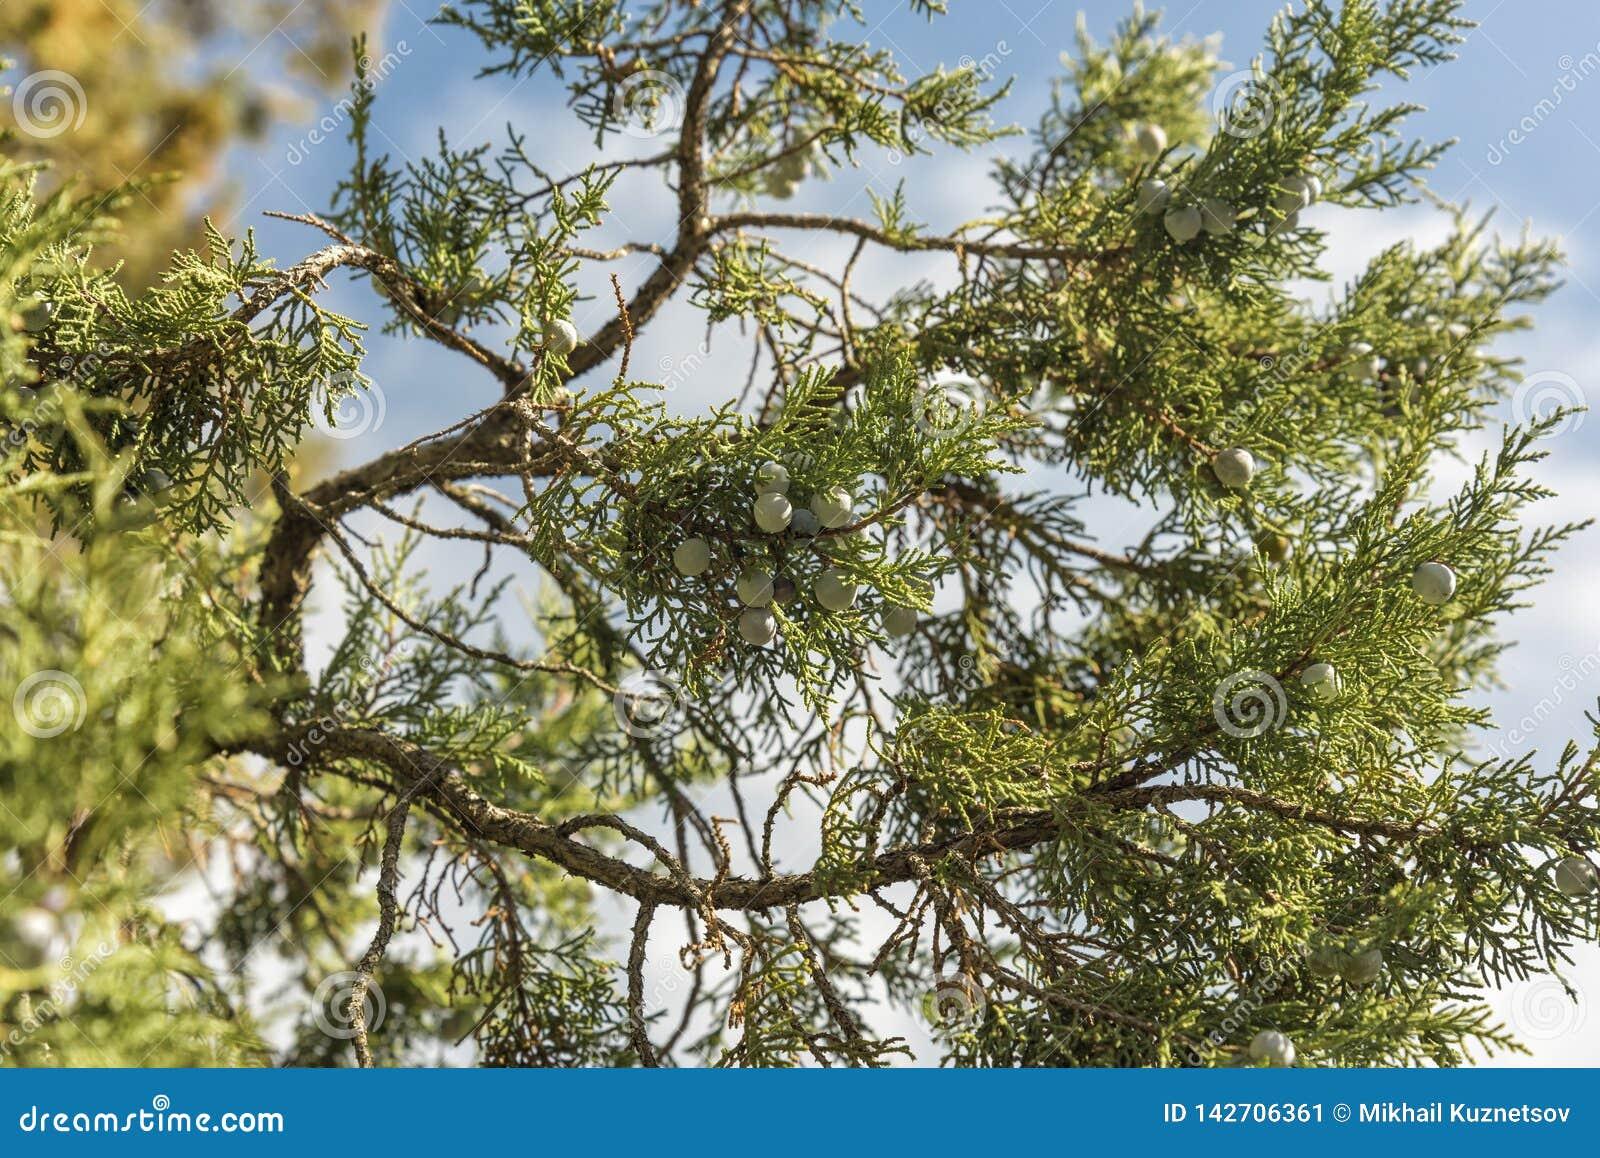 Groupe de baies de gen?vrier sur une branche verte en automne